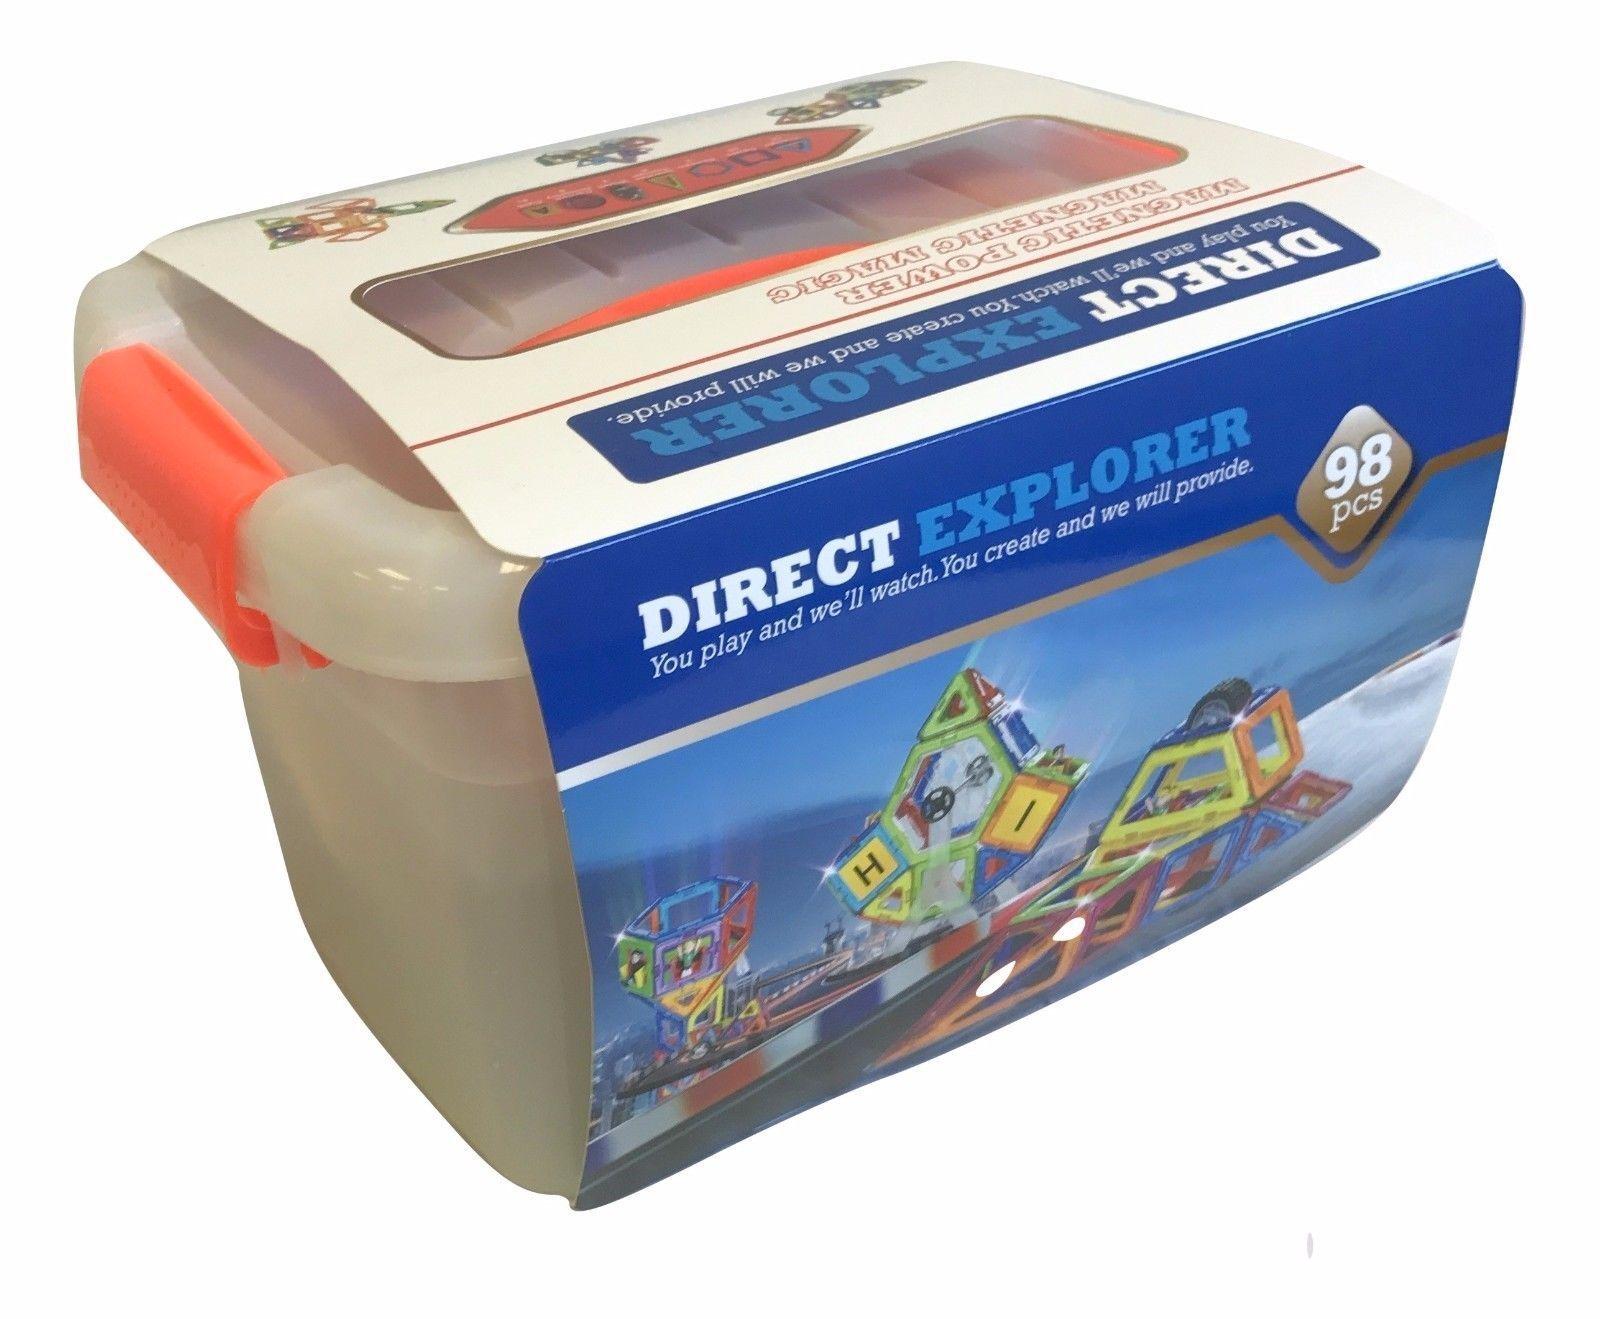 3D Magnetic Toys - 98 pcs Intelligent Magnetic Construction set Direct Explorer